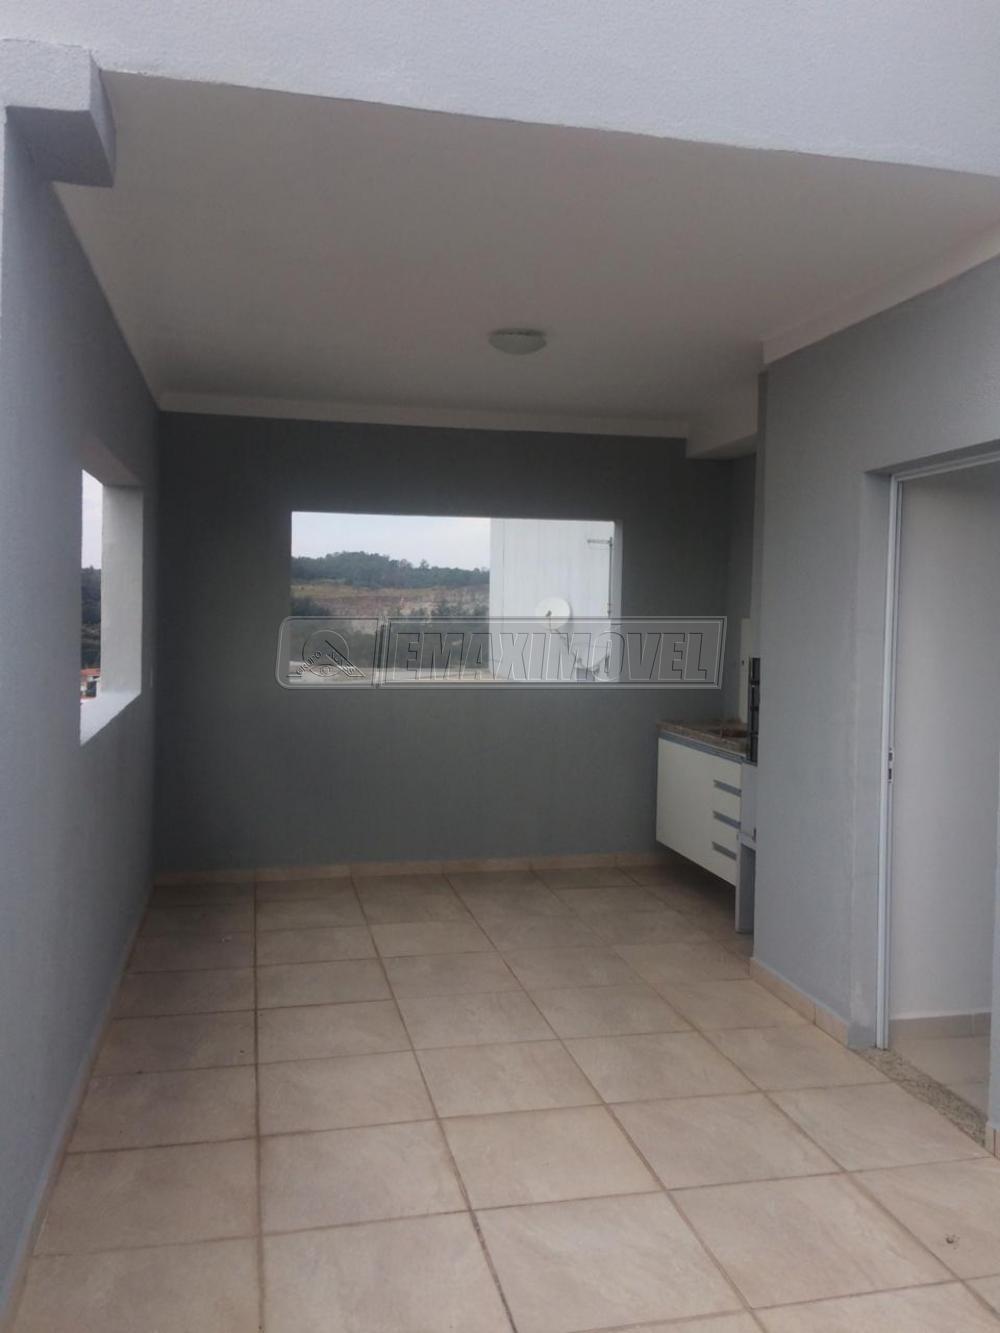 Comprar Apartamento / Padrão em Sorocaba R$ 390.000,00 - Foto 8